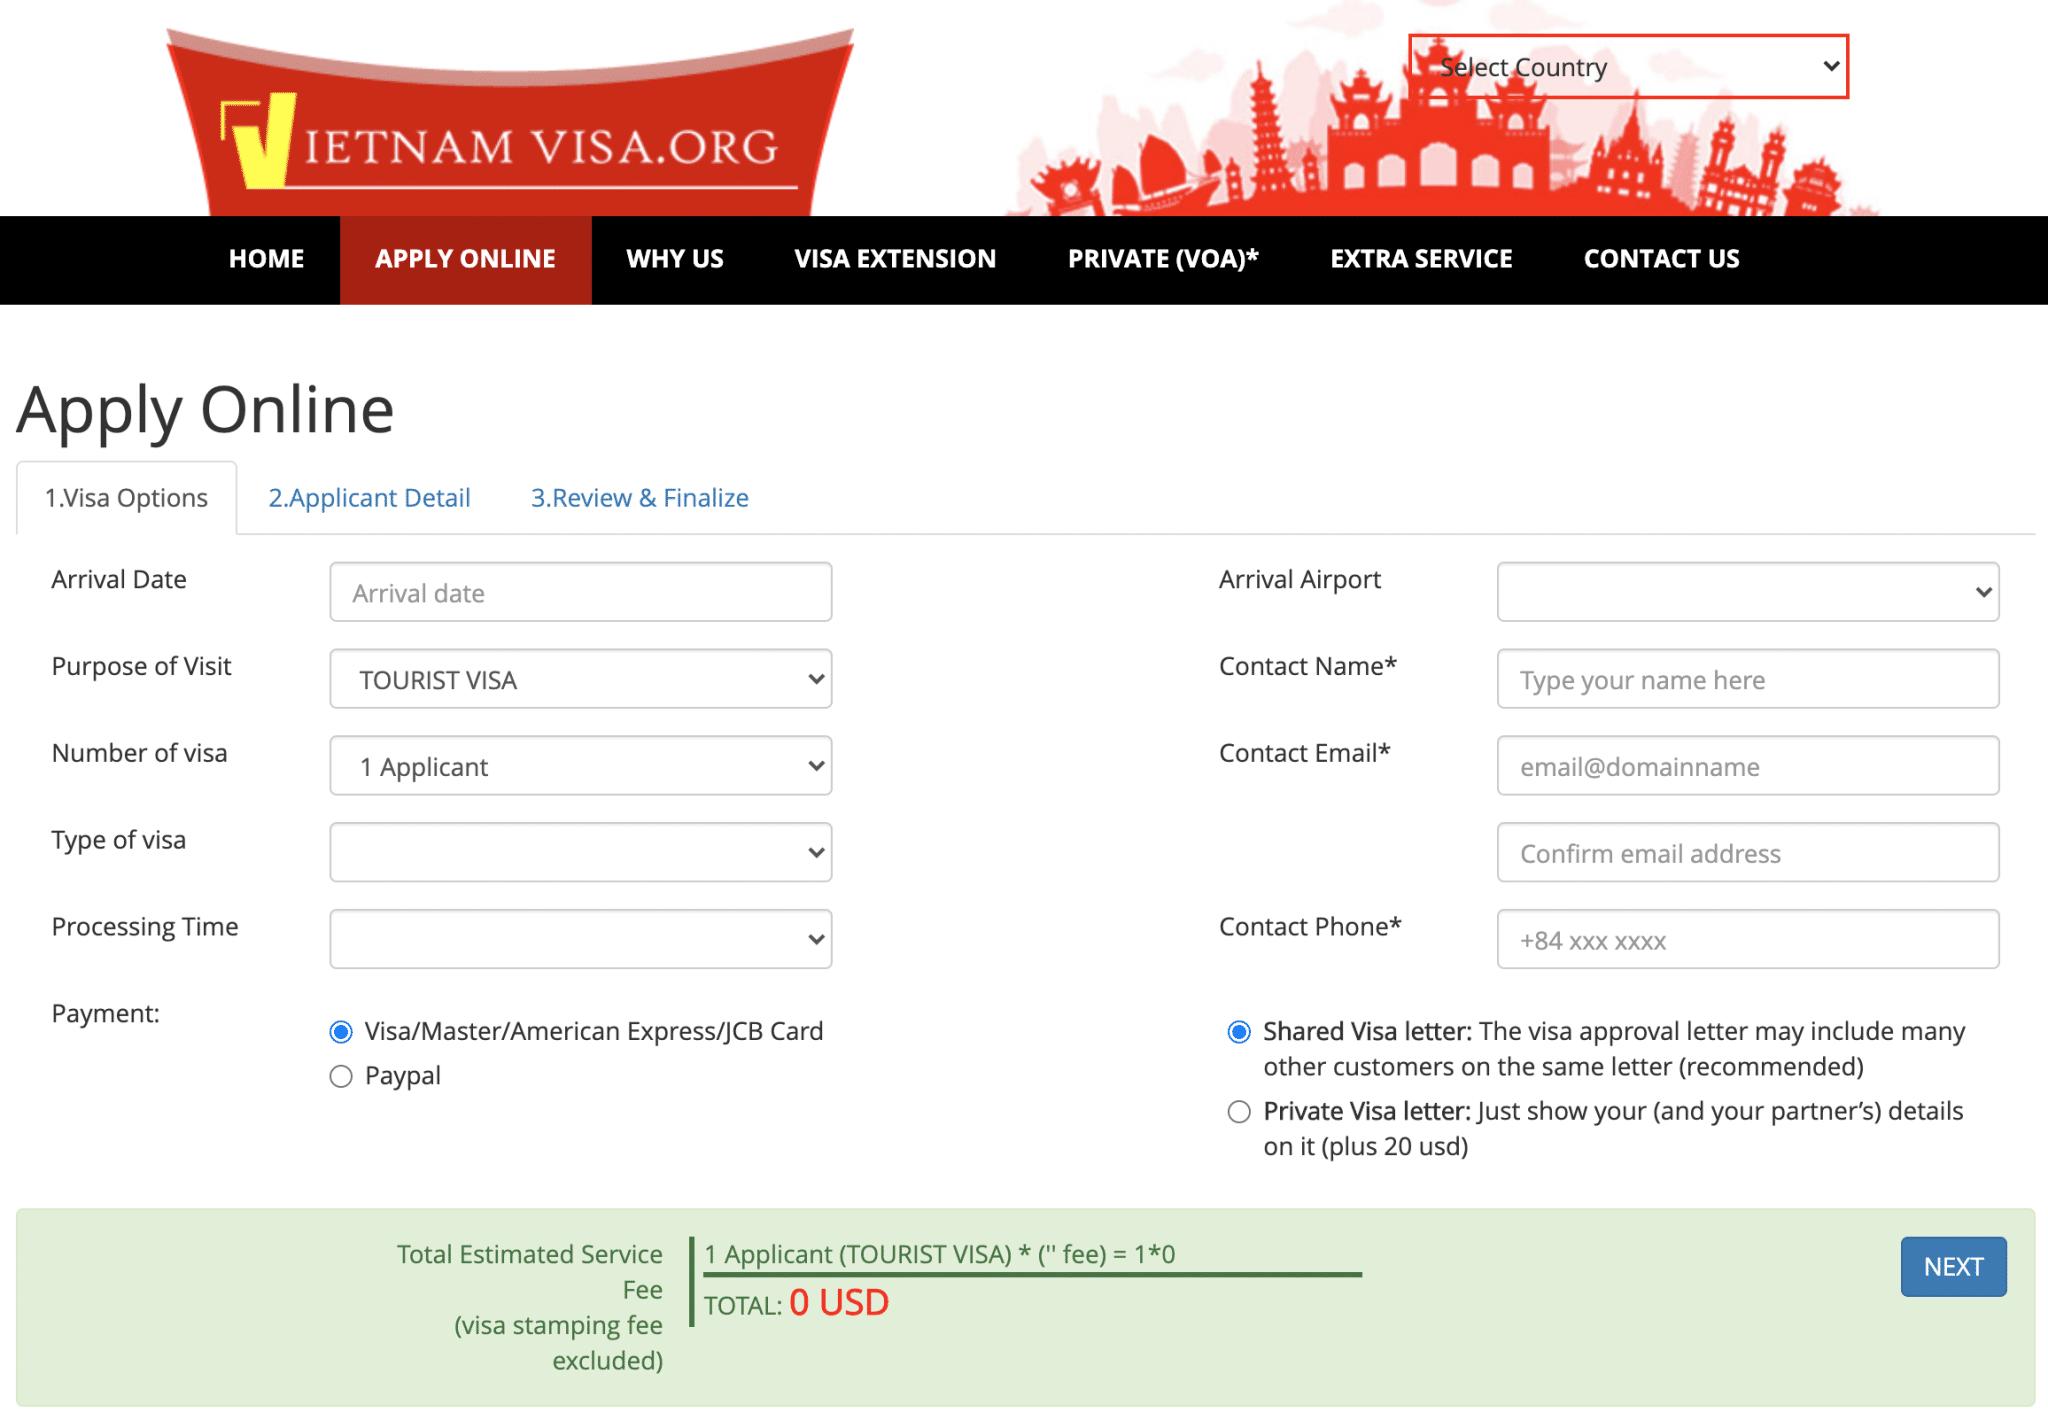 formulaire de demande de visa touriste pour le Vietnam sur le site internet vietnamvisa.org